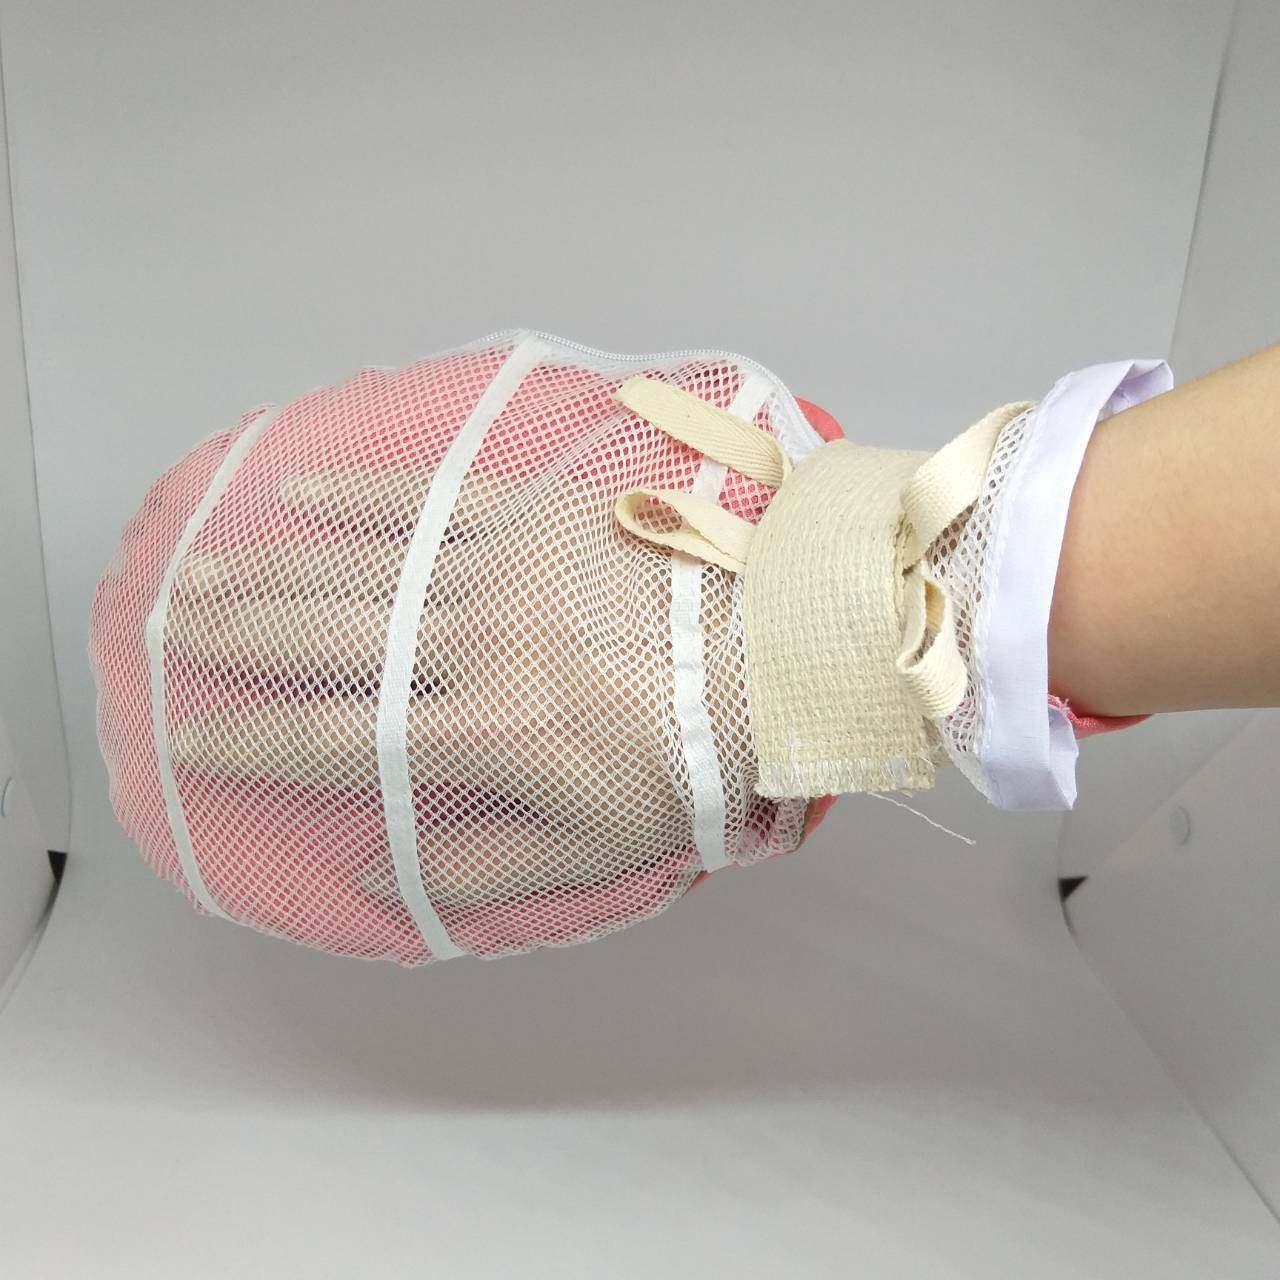 ถุงมือกันดึงสายผู้ป่วย (สีชมพู)